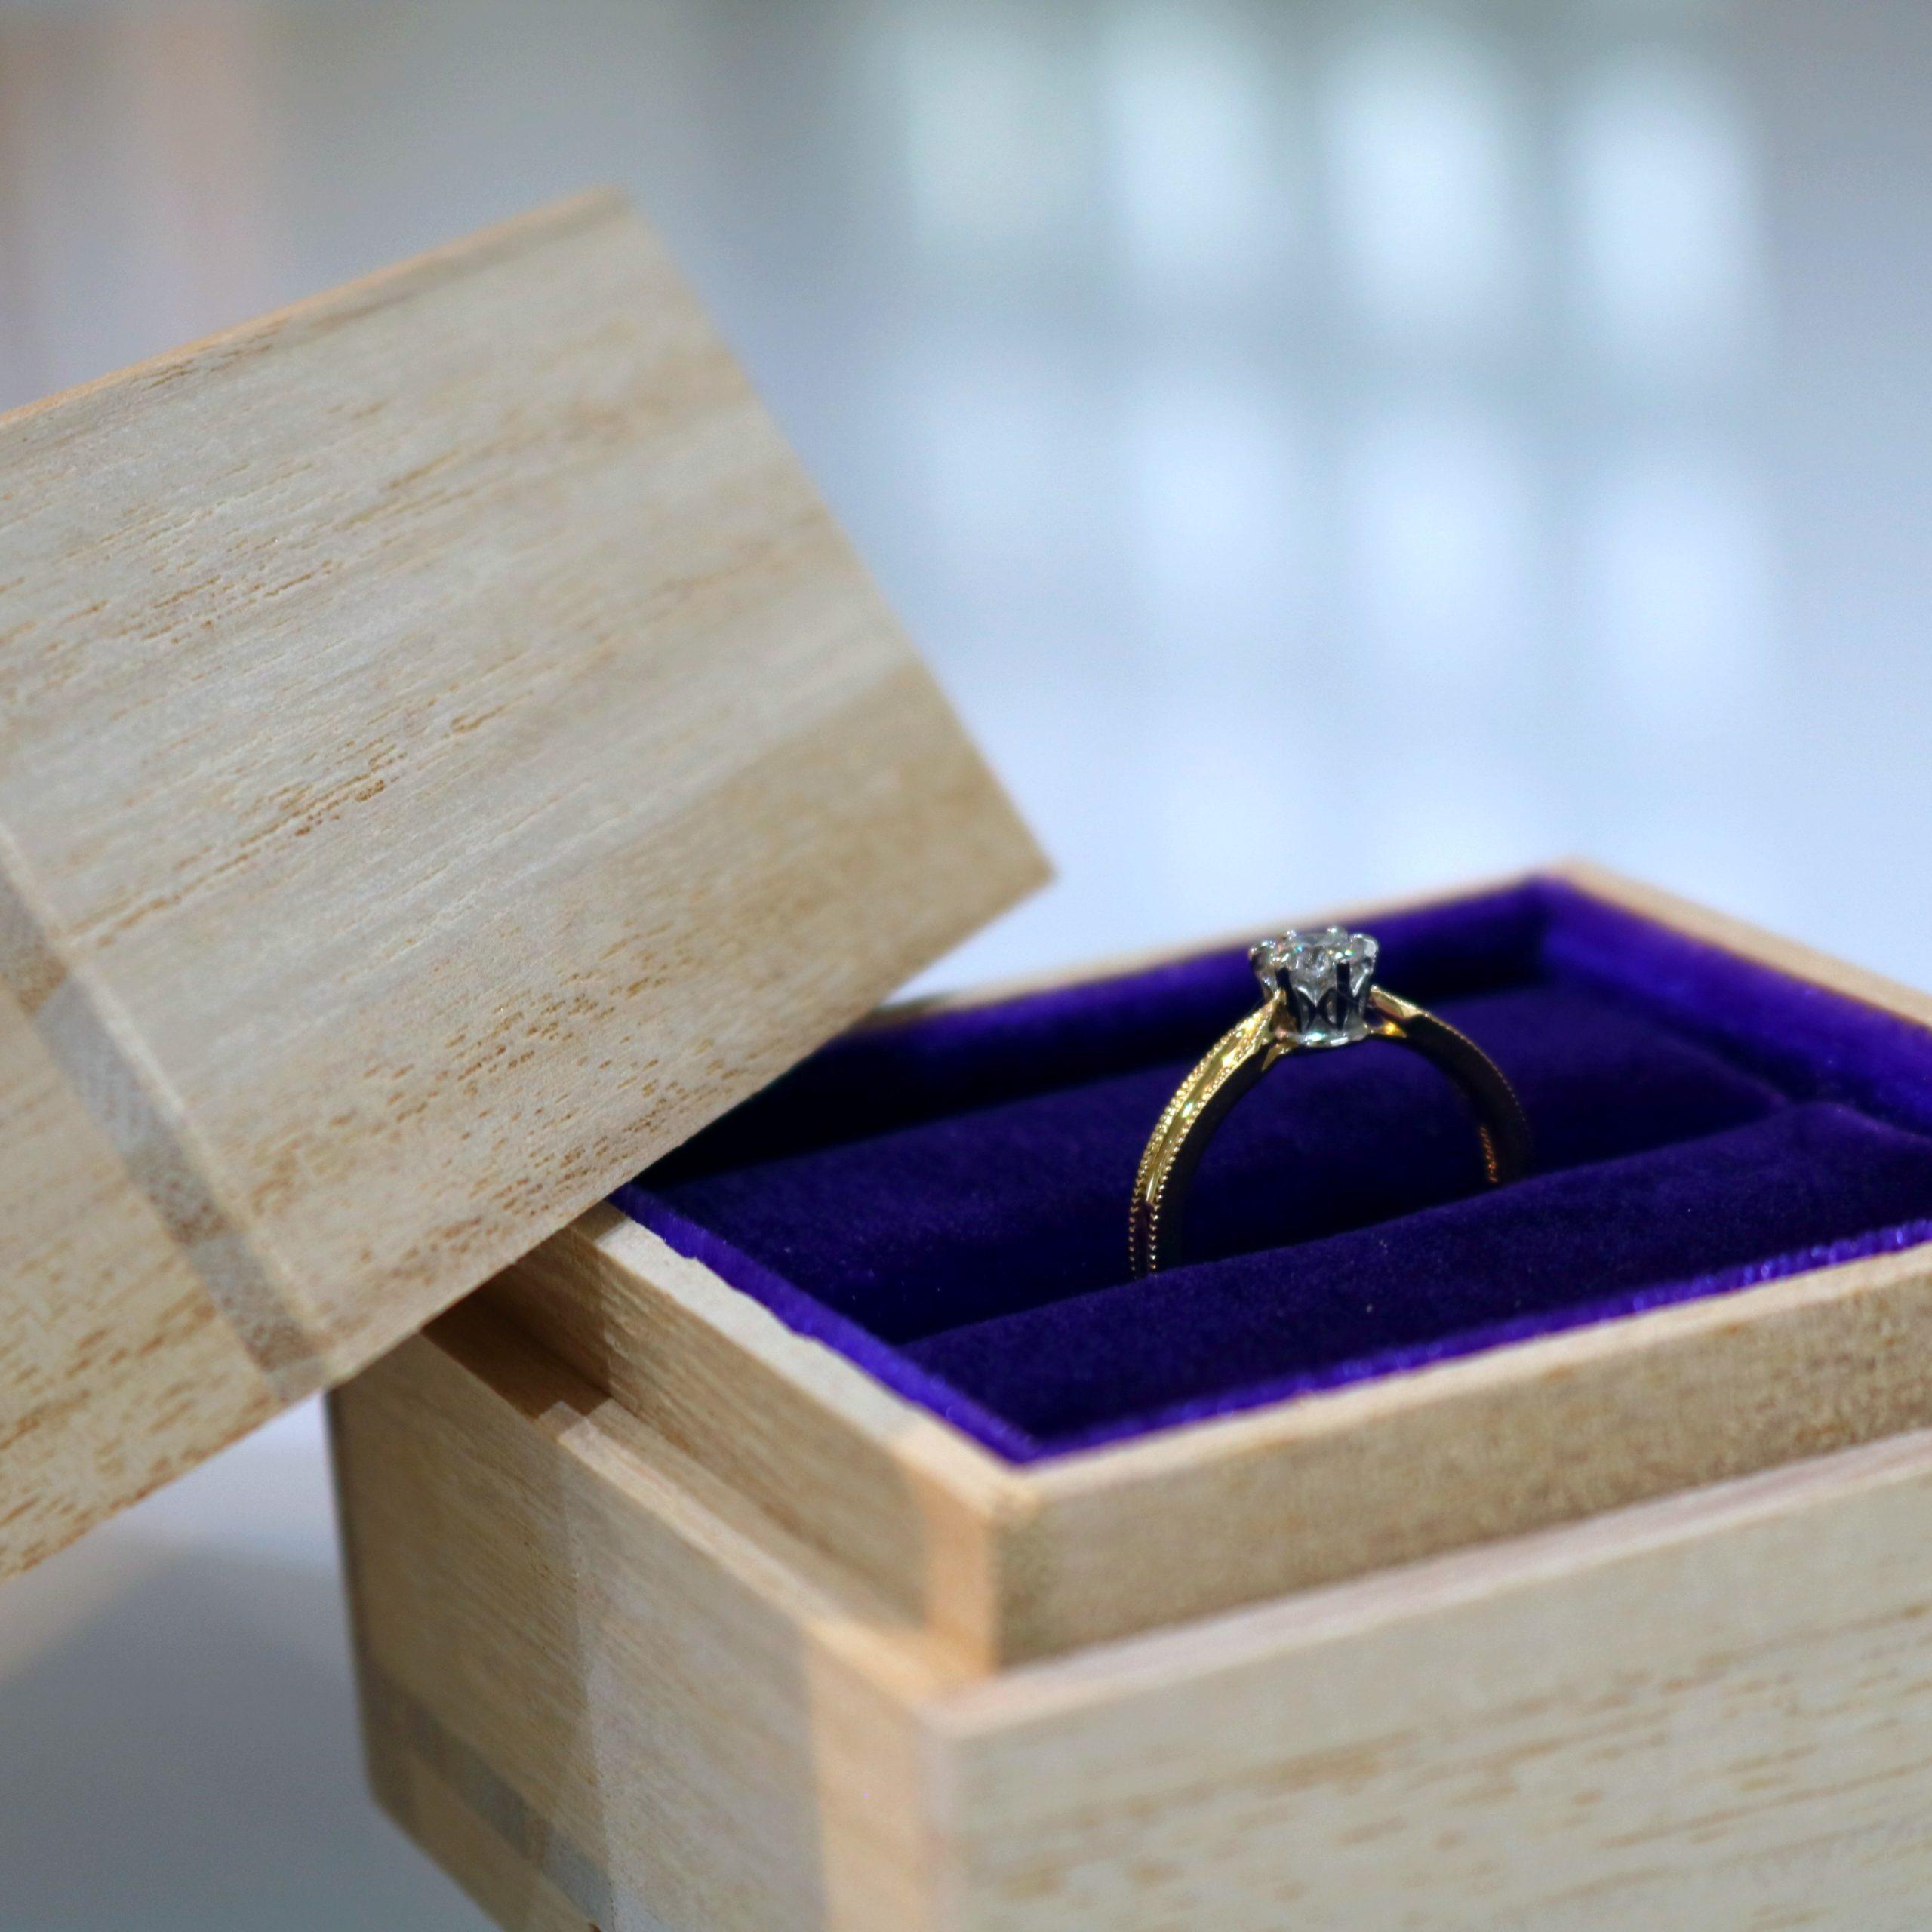 イエローゴールド アンティーク 婚約指輪